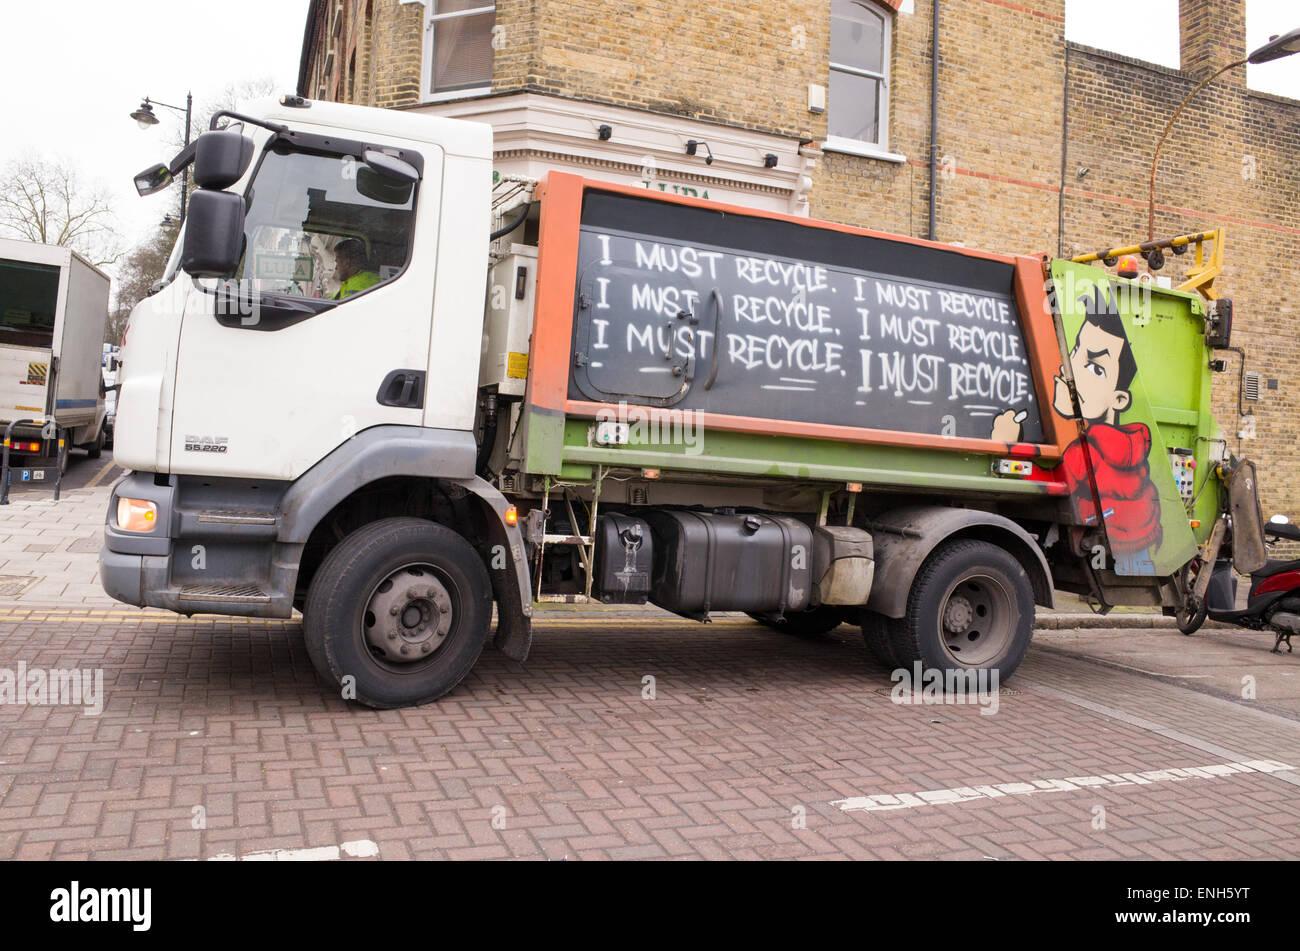 Camión de reciclaje, Londres, Inglaterra, Reino Unido. Imagen De Stock